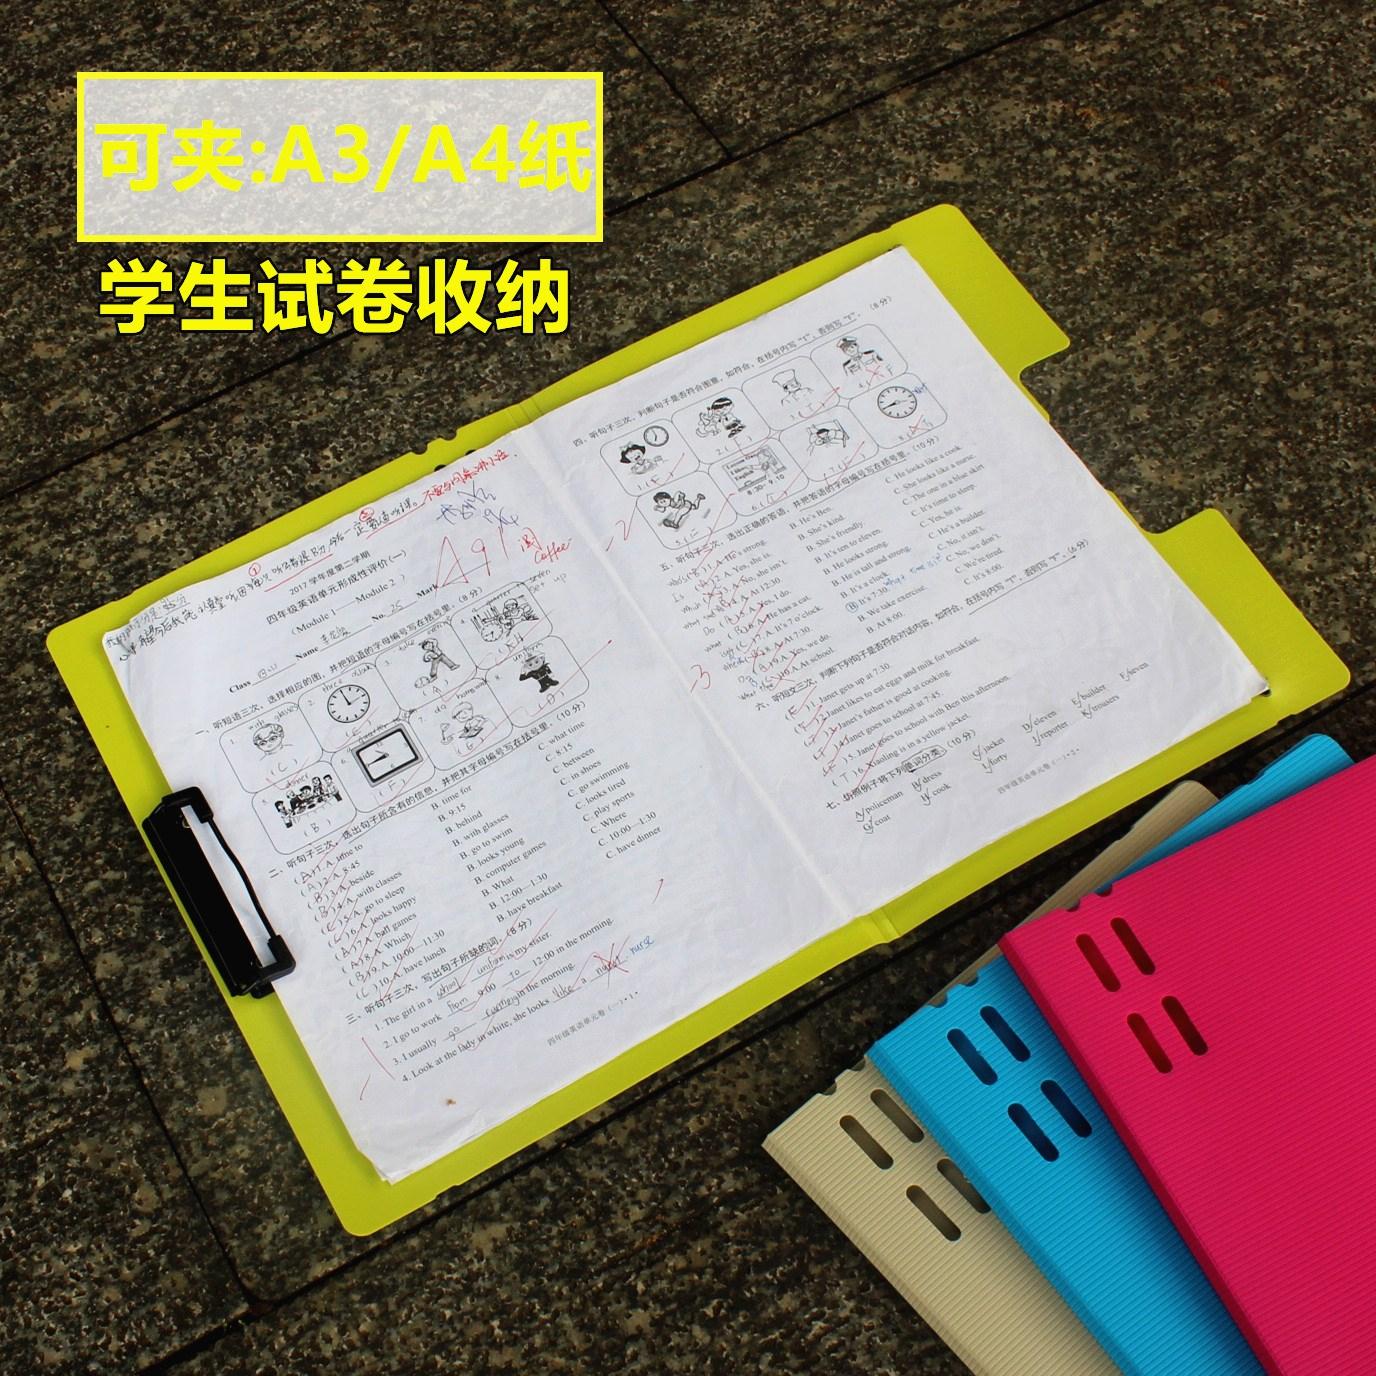 学生试卷夹A3/A4文件资料收纳夹卷子整理夹多层写写字板夹塑料